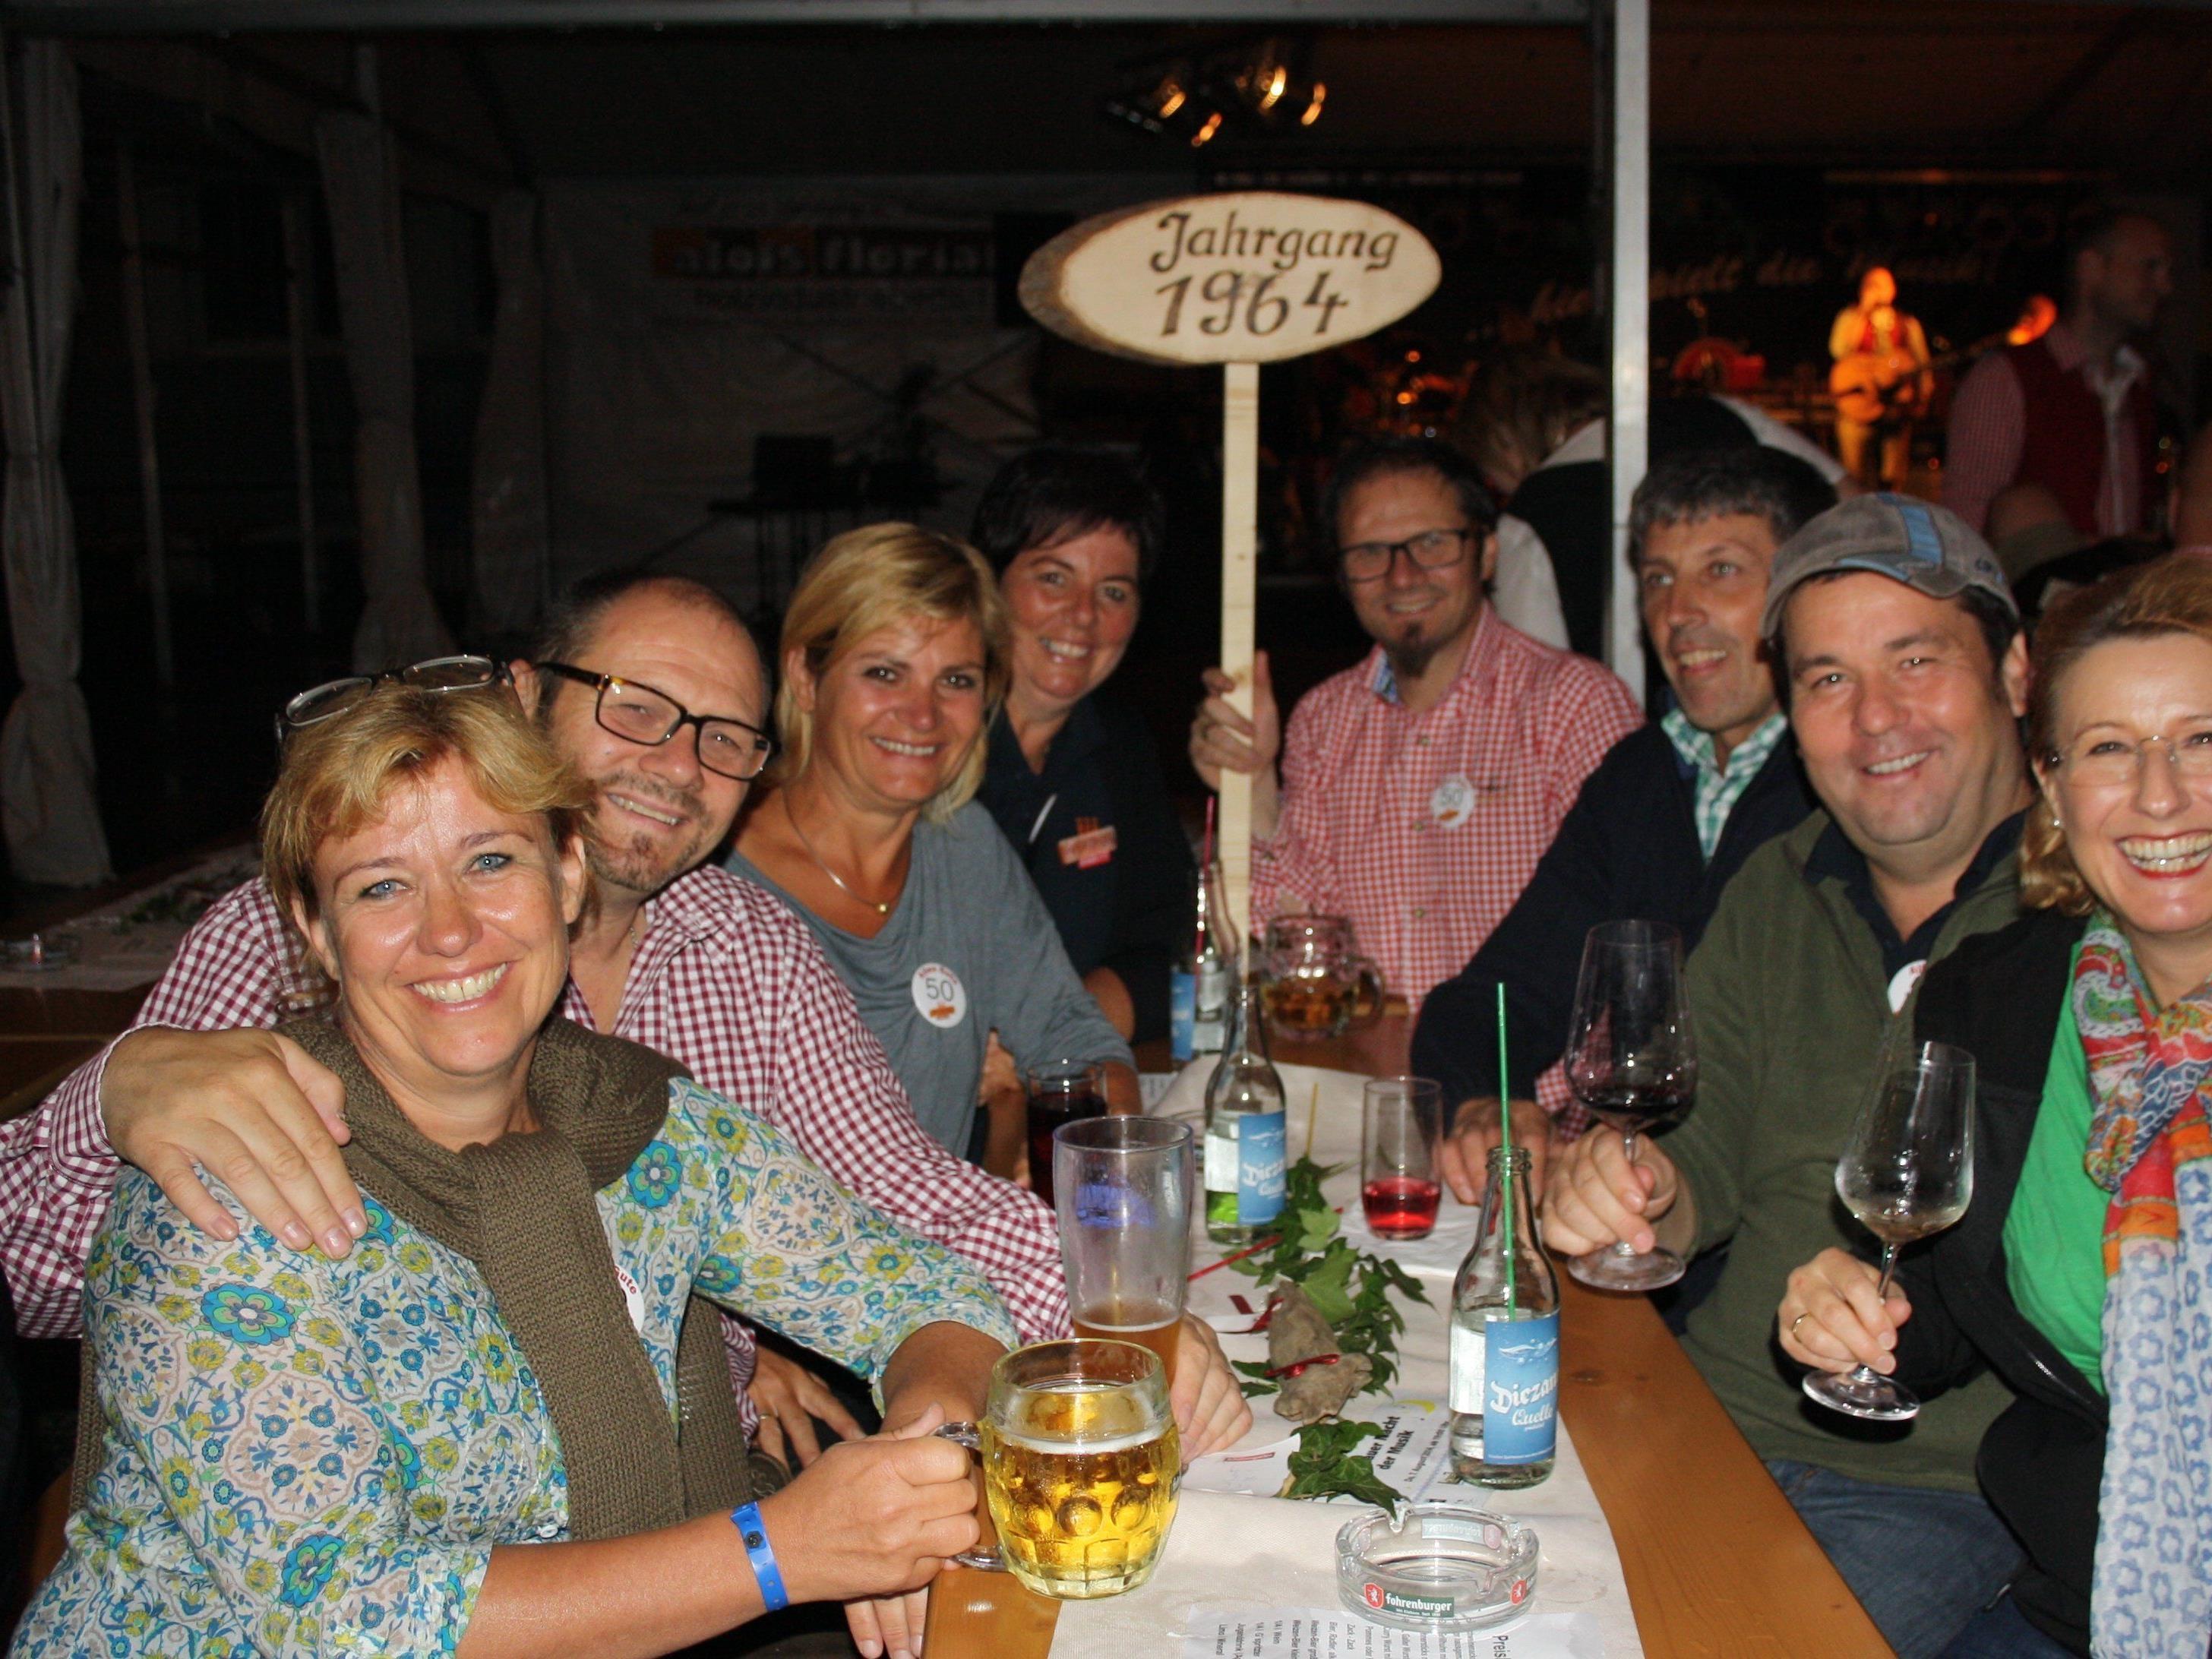 Beste Stimmung beim letztjährigen Leiblachtaler Jubiläums-Jahrgänger-Treffen auf dem Lochauer Dorffest.